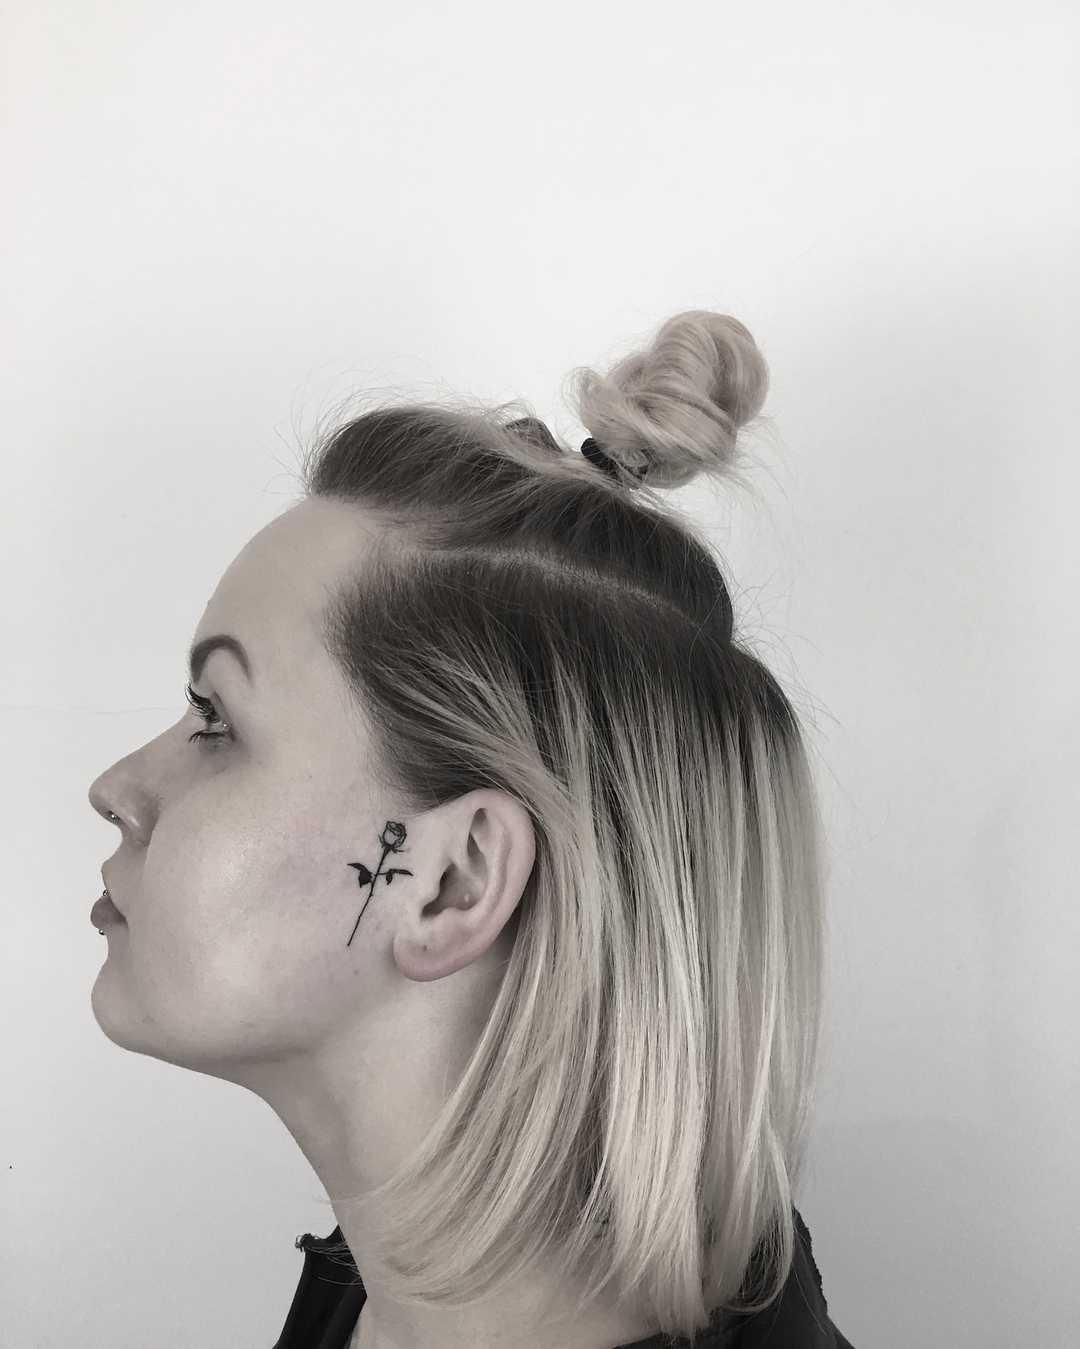 Rose tattoo next to the ear by Krzysztof Szeszko